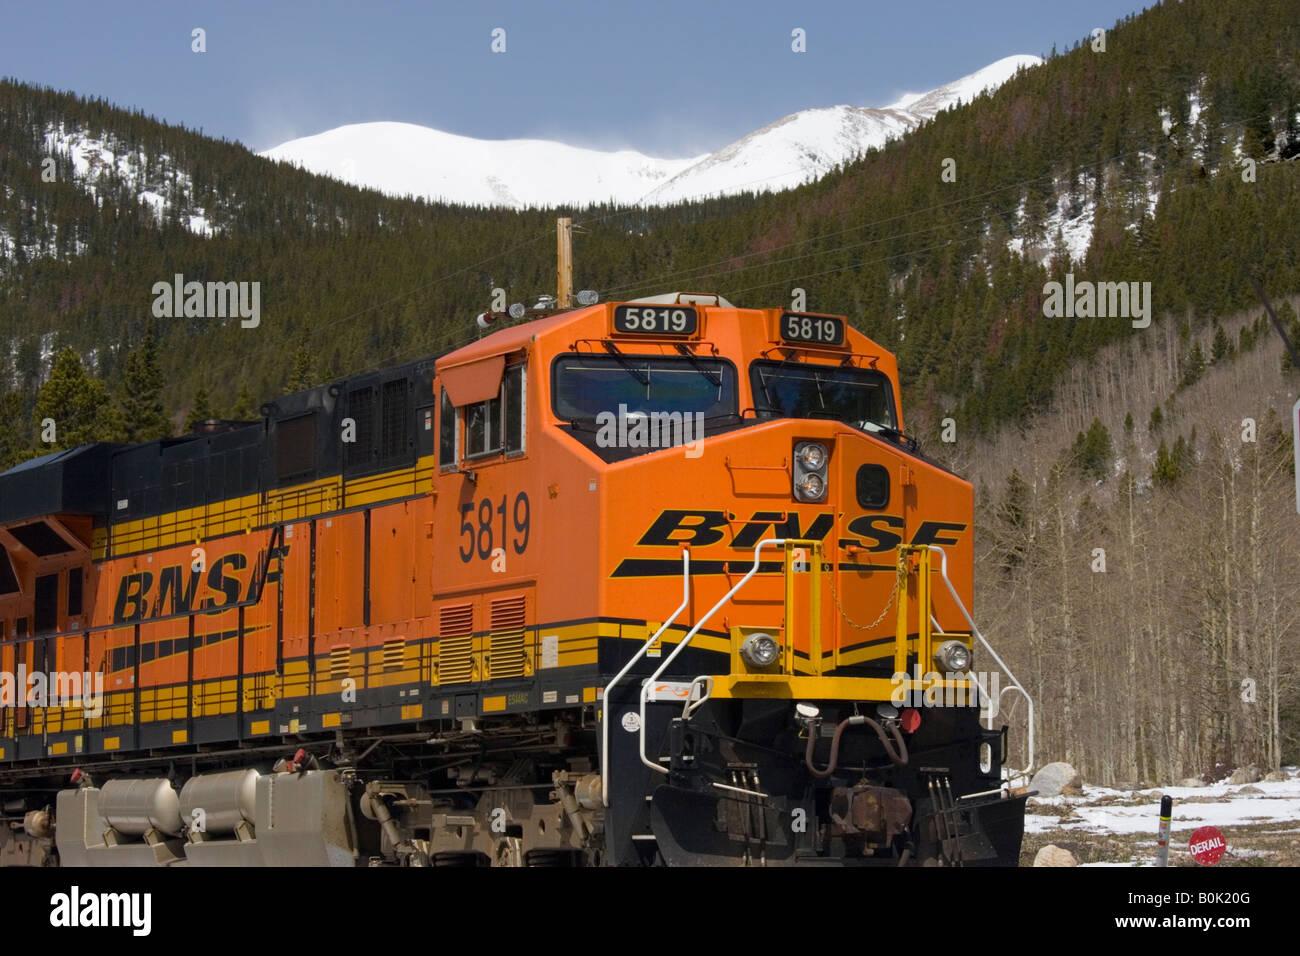 Mountains Freight Train Stock Photos & Mountains Freight